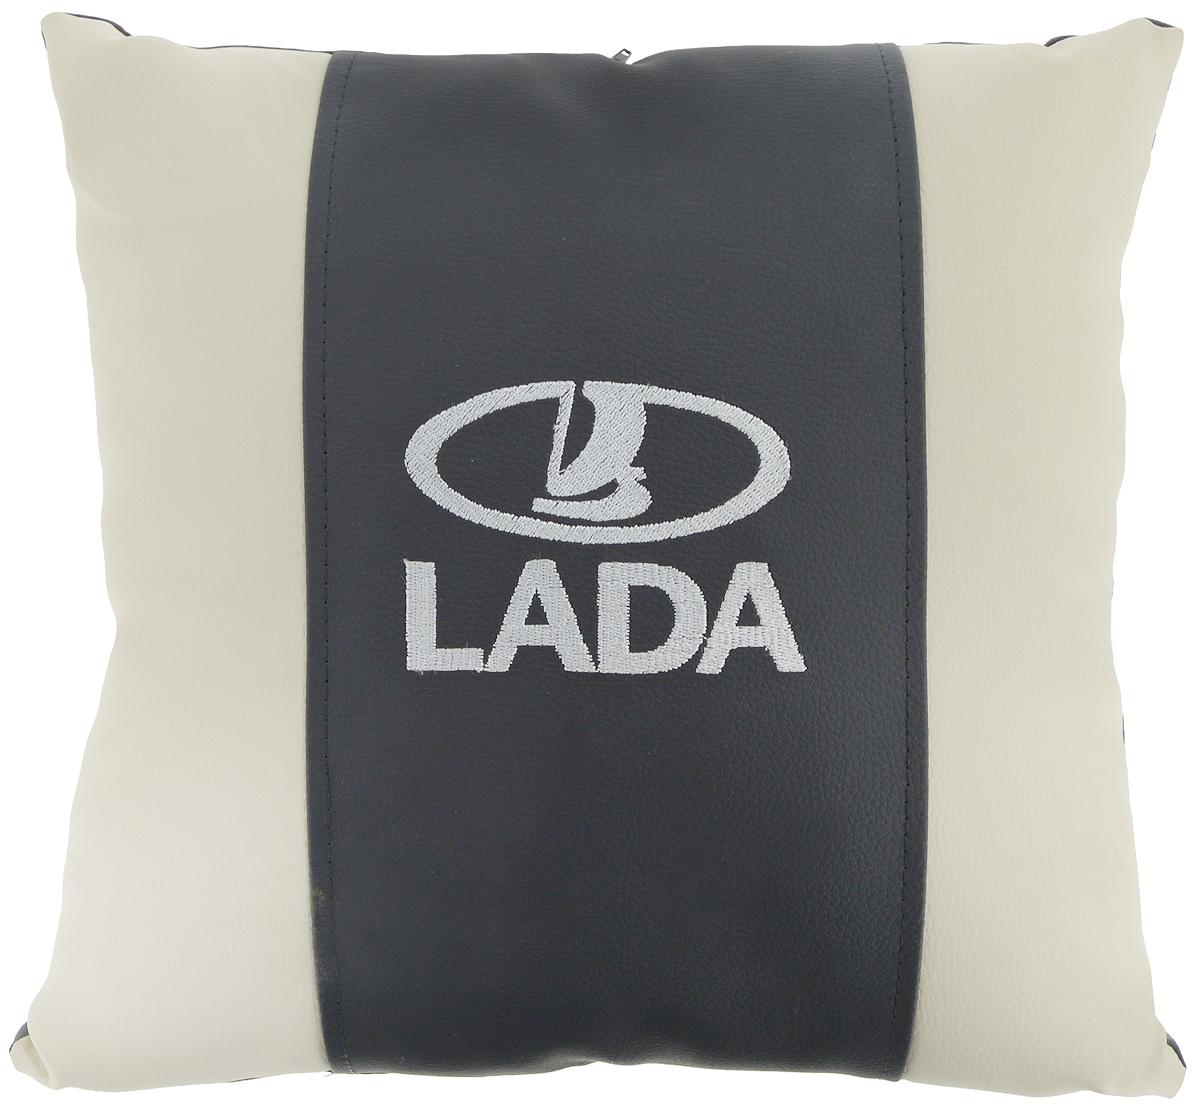 Подушка на сиденье Autoparts Lada, 30 х 30 смS03301004Подушка на сиденье Autoparts Lada создана для тех, кто весь свой день вынужден проводить за рулем. Чехол выполнен из высококачественной дышащей экокожи. Наполнителем служит холлофайбер. На задней части подушки имеется змейка.Особенности подушки:- Хорошо проветривается.- Предупреждает потение.- Поддерживает комфортную температуру.- Обминается по форме тела.- Улучшает кровообращение.- Исключает затечные явления.- Предупреждает развитие заболеваний, связанных с сидячим образом жизни. Подушка также будет полезна и дома - при работе за компьютером, школьникам - при выполнении домашних работ, да и в любимом кресле перед телевизором.